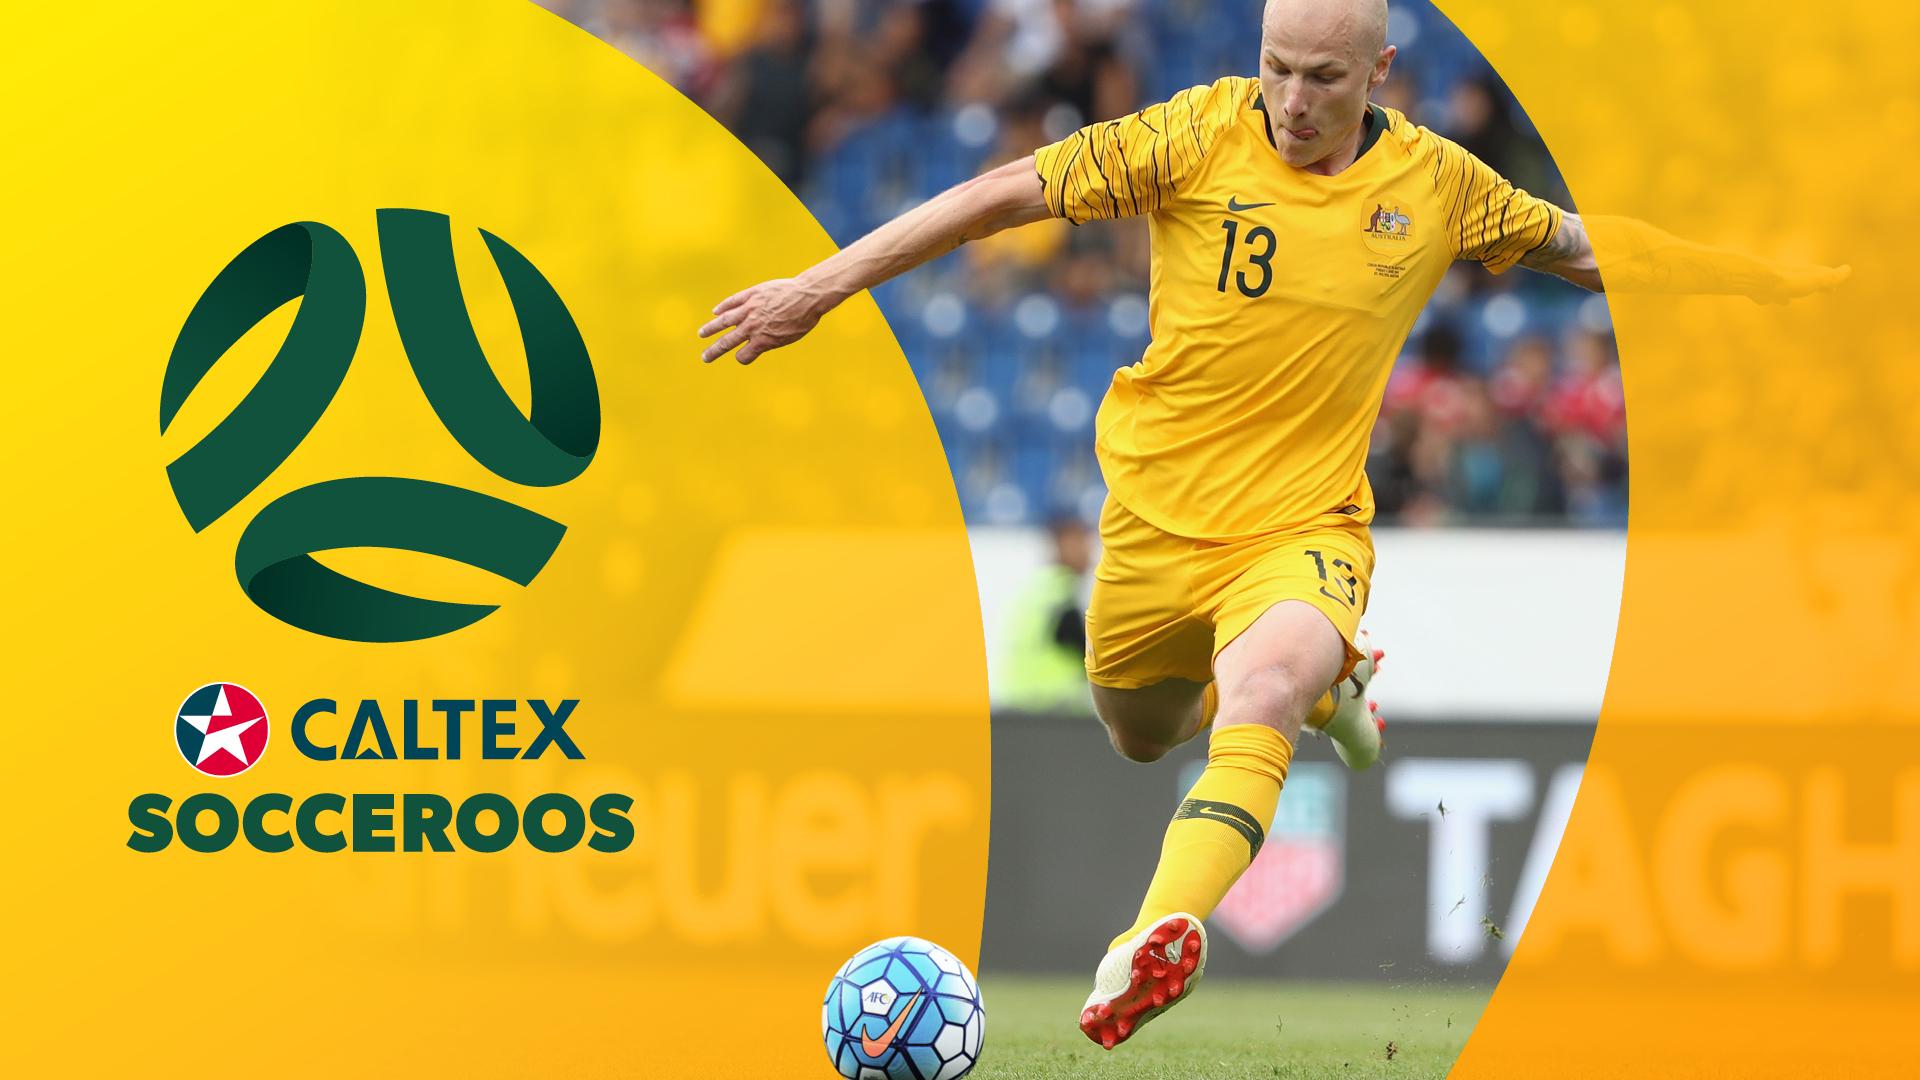 02_Hulsbosch_FFA_Socceroos.jpg